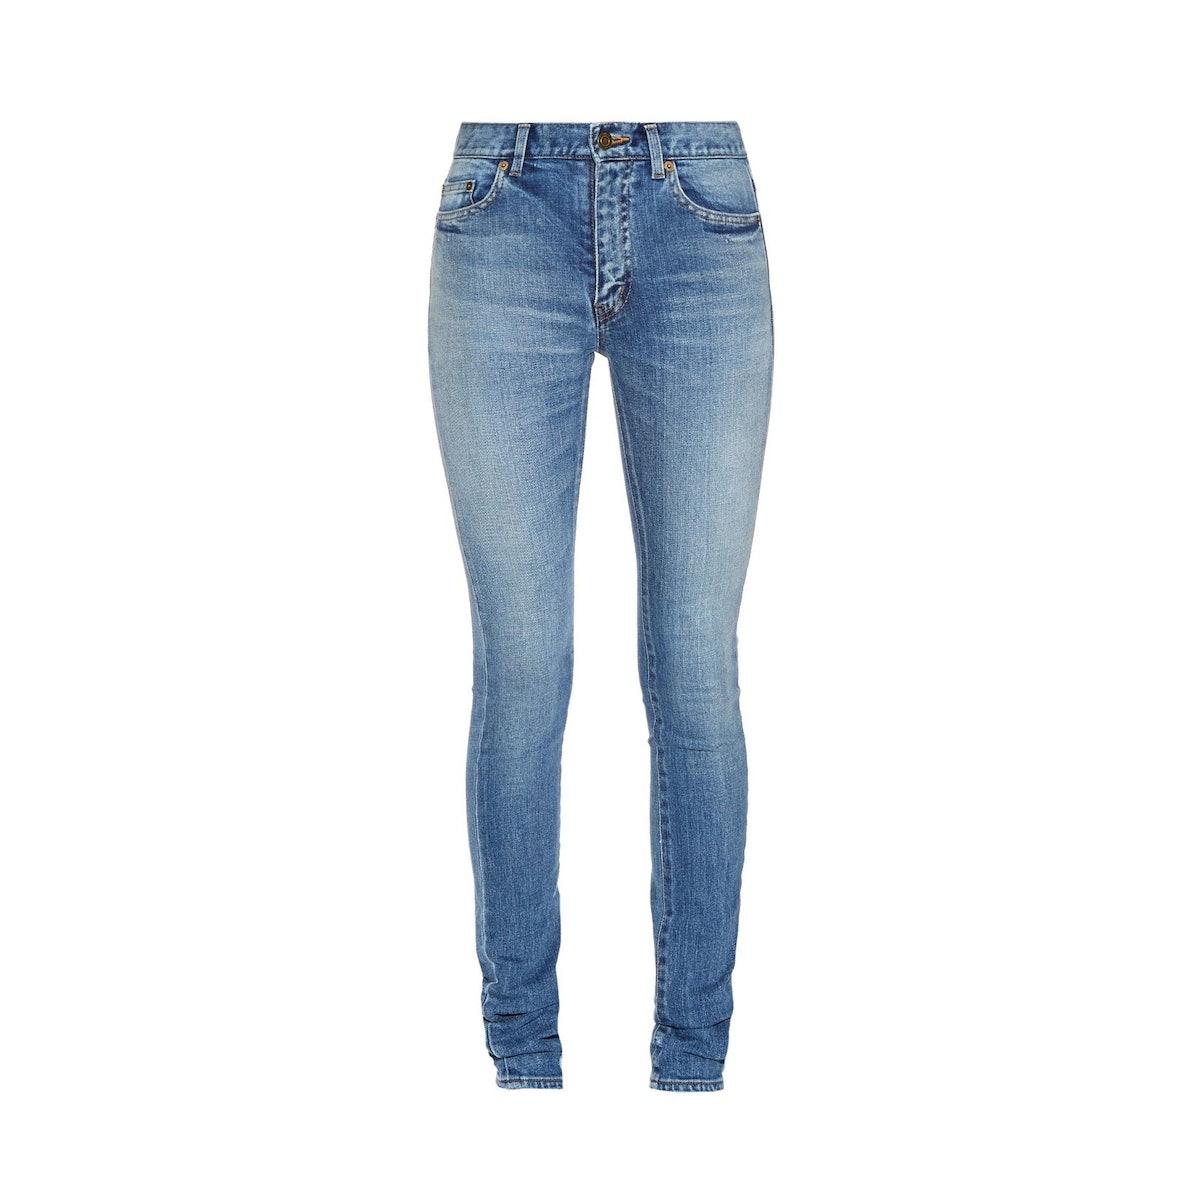 Saint-Laurent-jeans-543-matchesfashion.com_.jpg